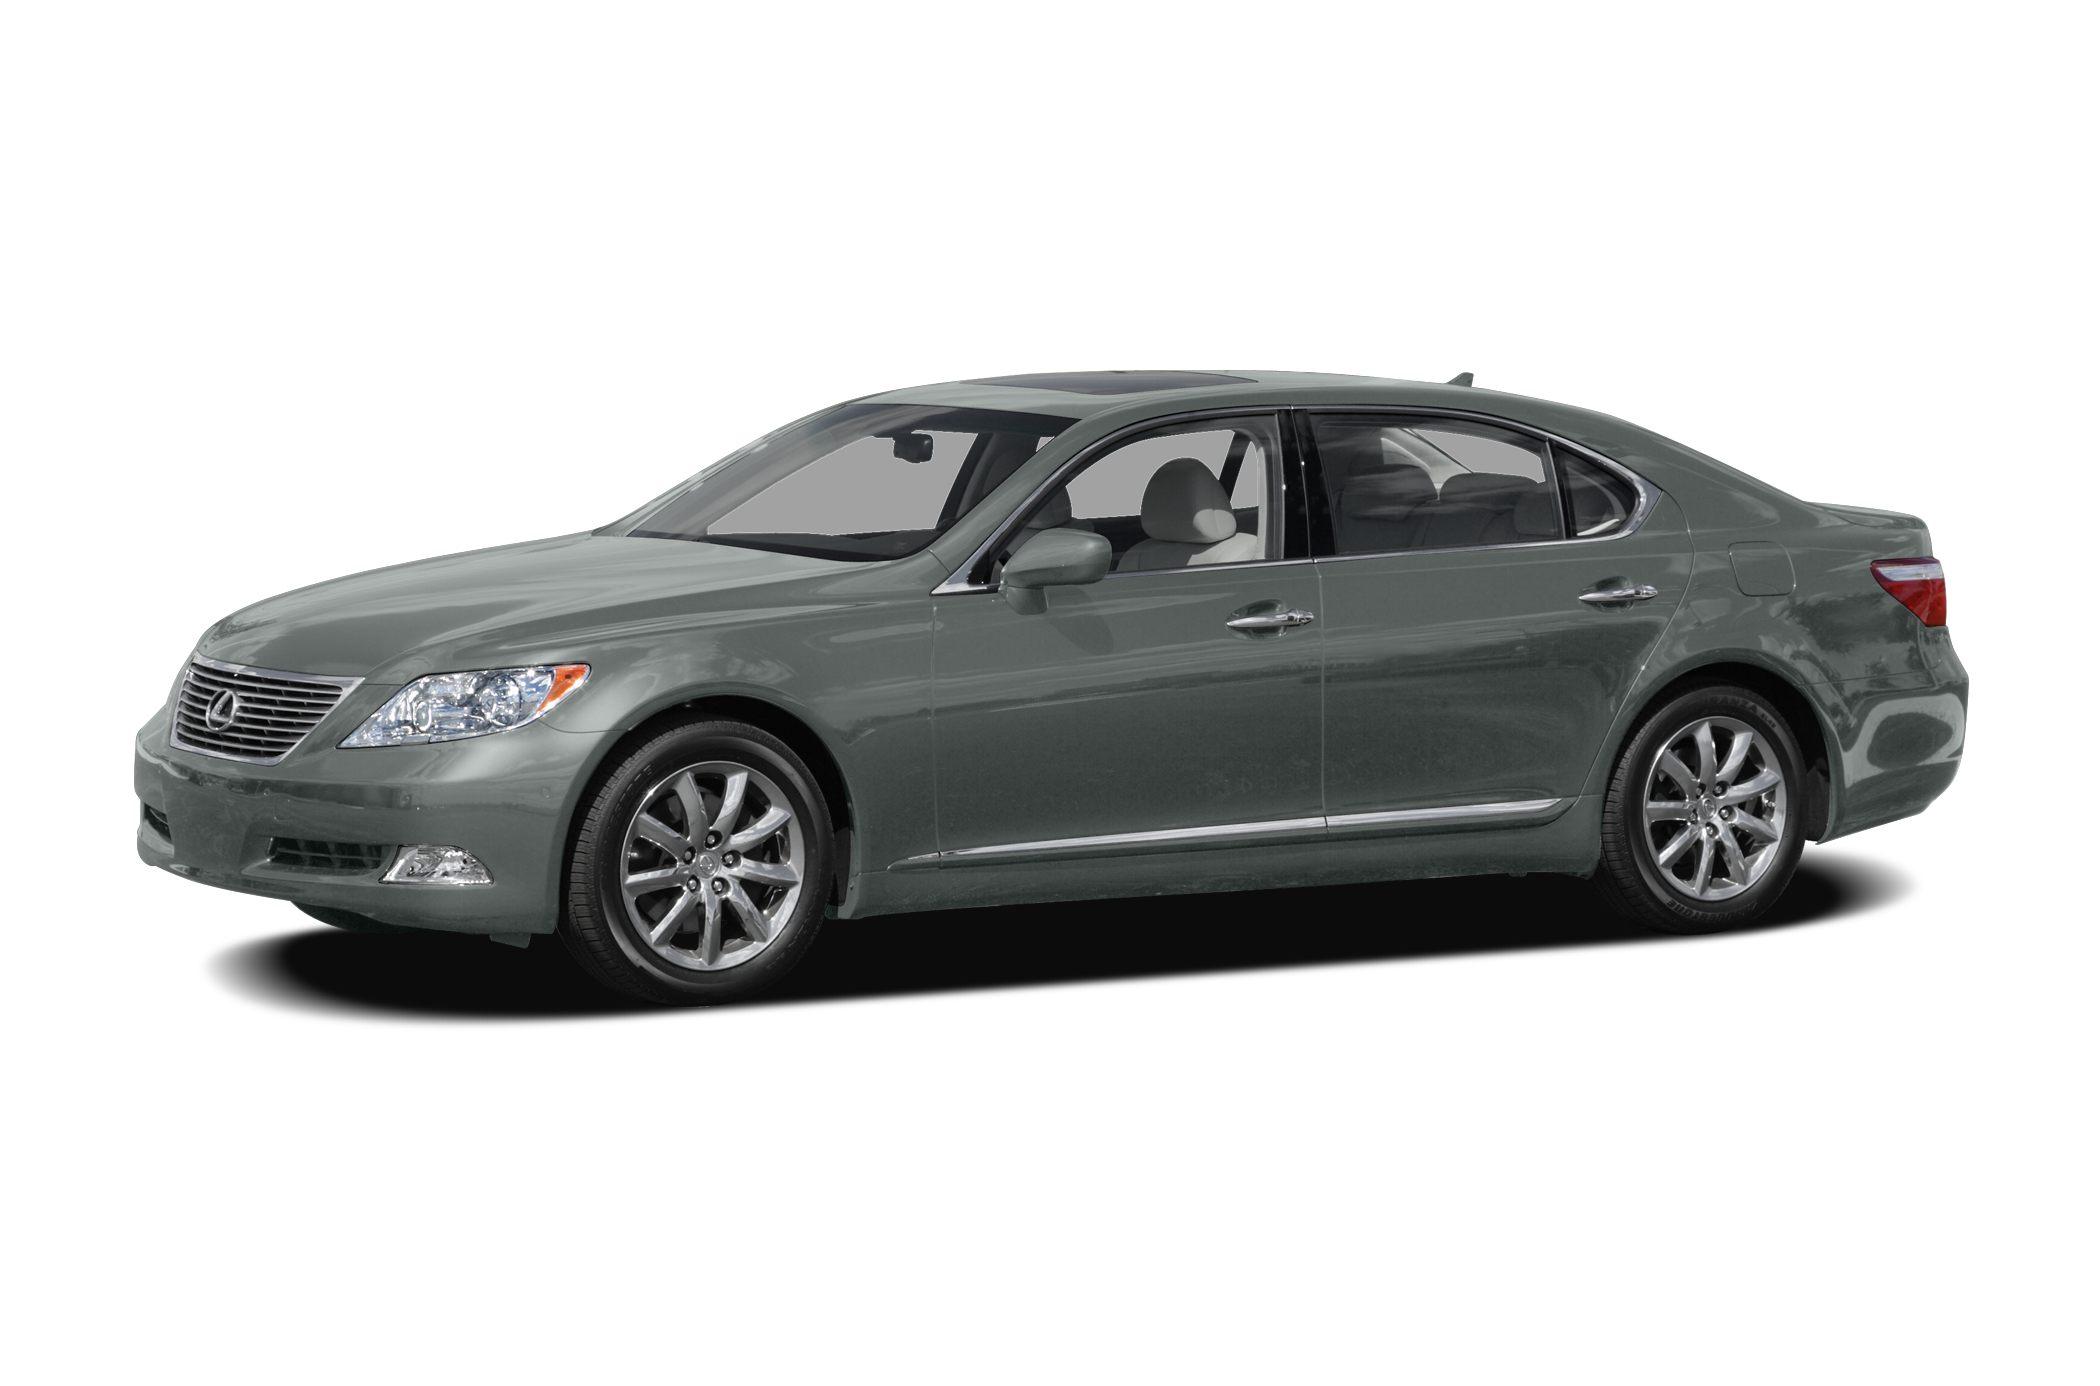 2007 Lexus LS 460 L Sedan for sale in Birmingham for $23,900 with 111,321 miles.